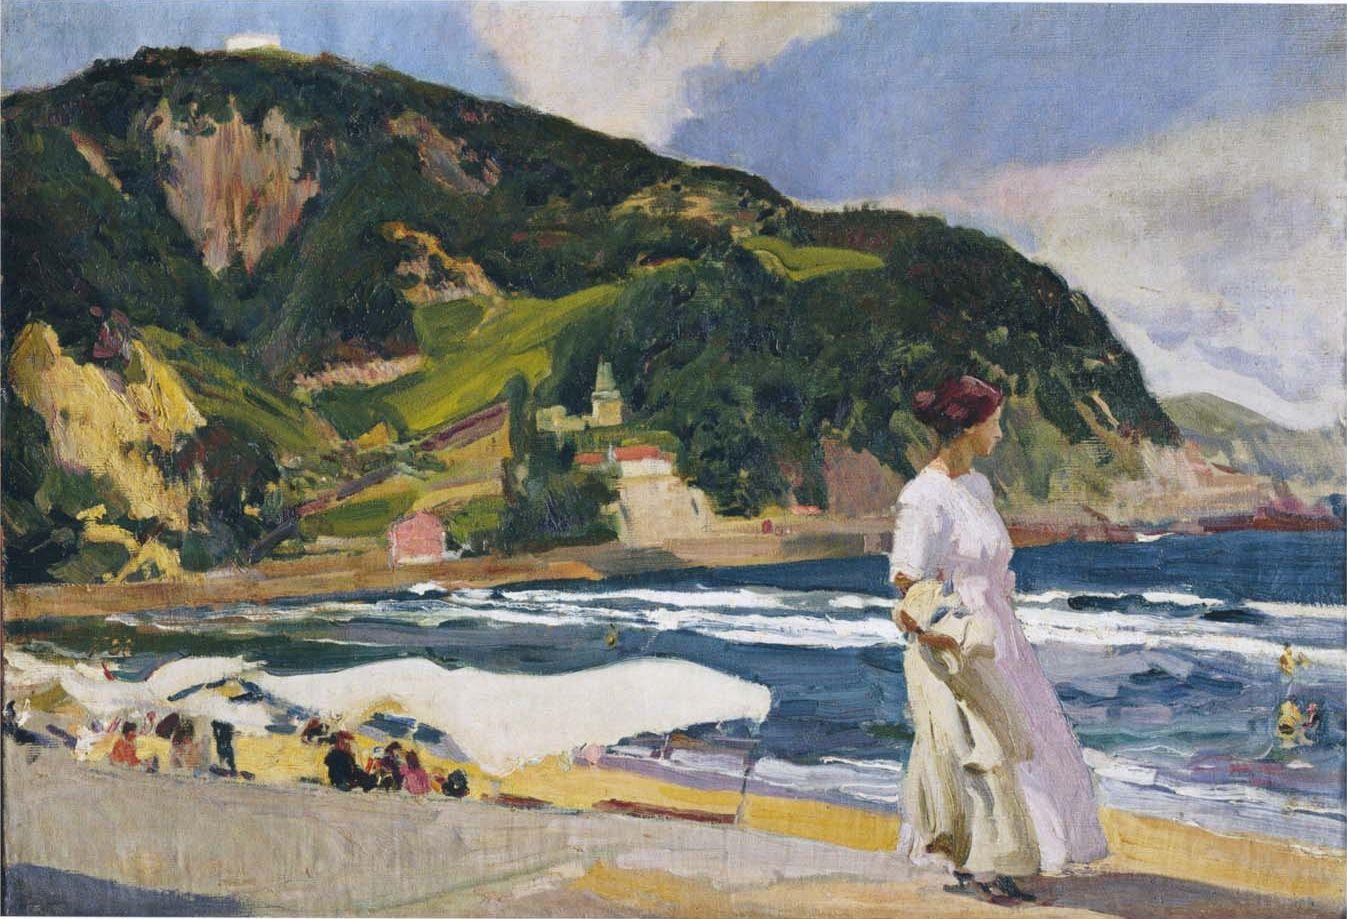 Joaquín Sorolla Realist Impressionist Painter Part 2 Joaquin Sorolla Beach Canvas Canvas Art Prints